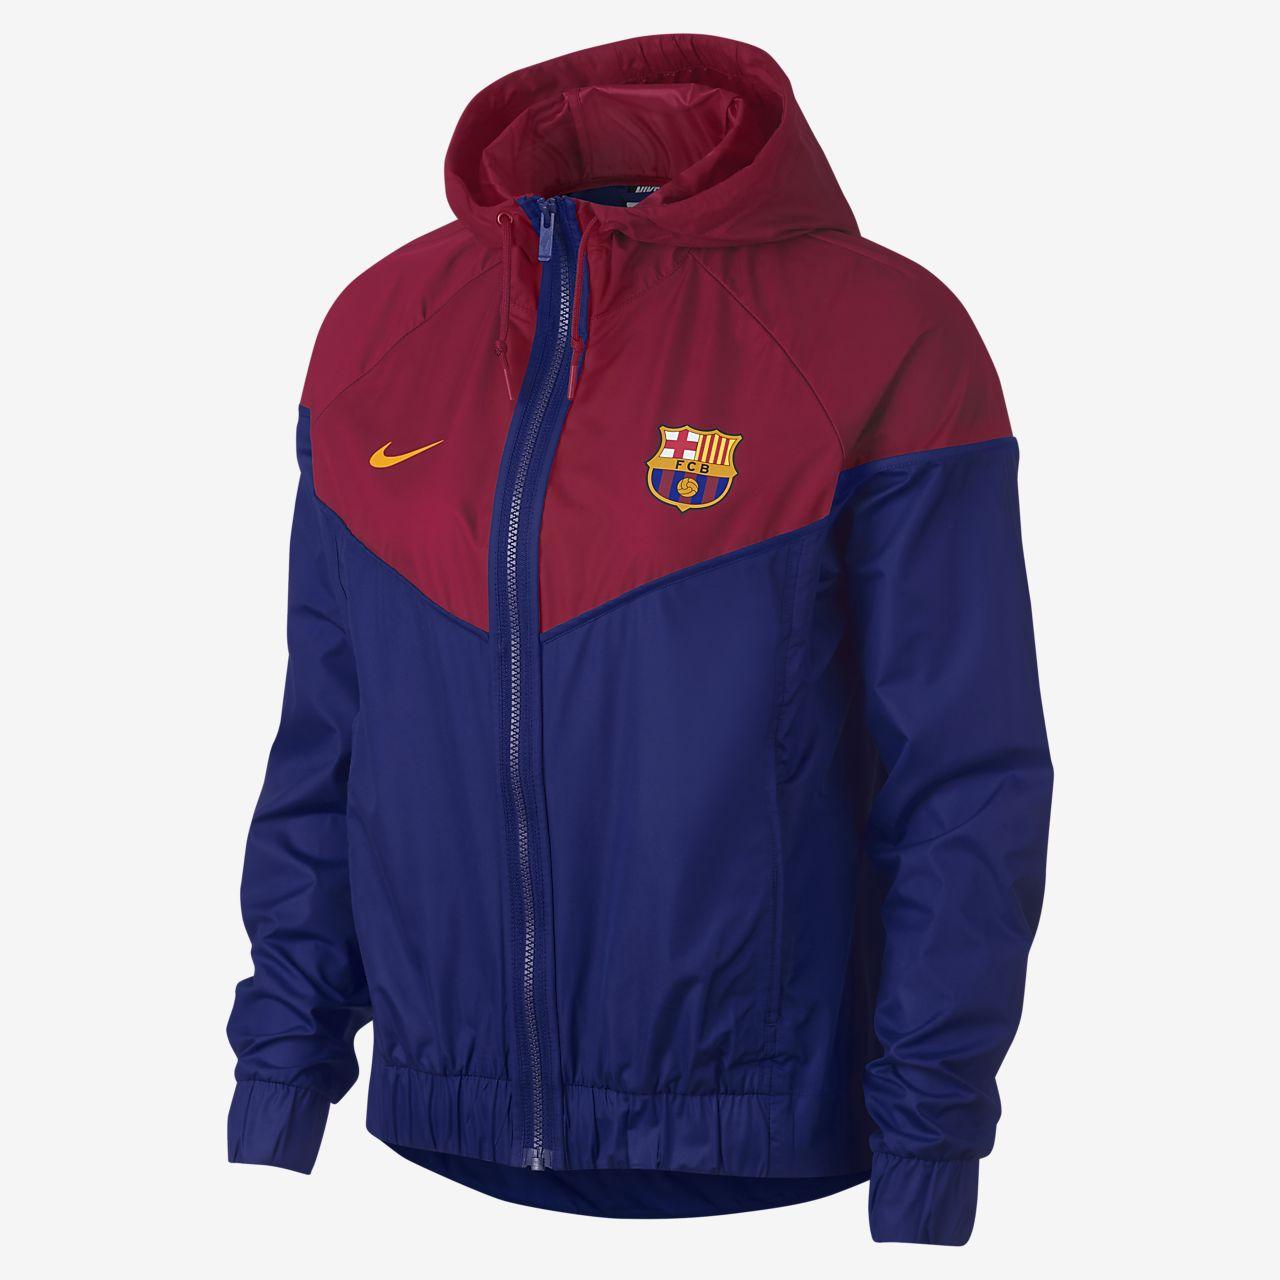 65dd9eb03f4 Nike Nike Fc Barcelona - Querciacb